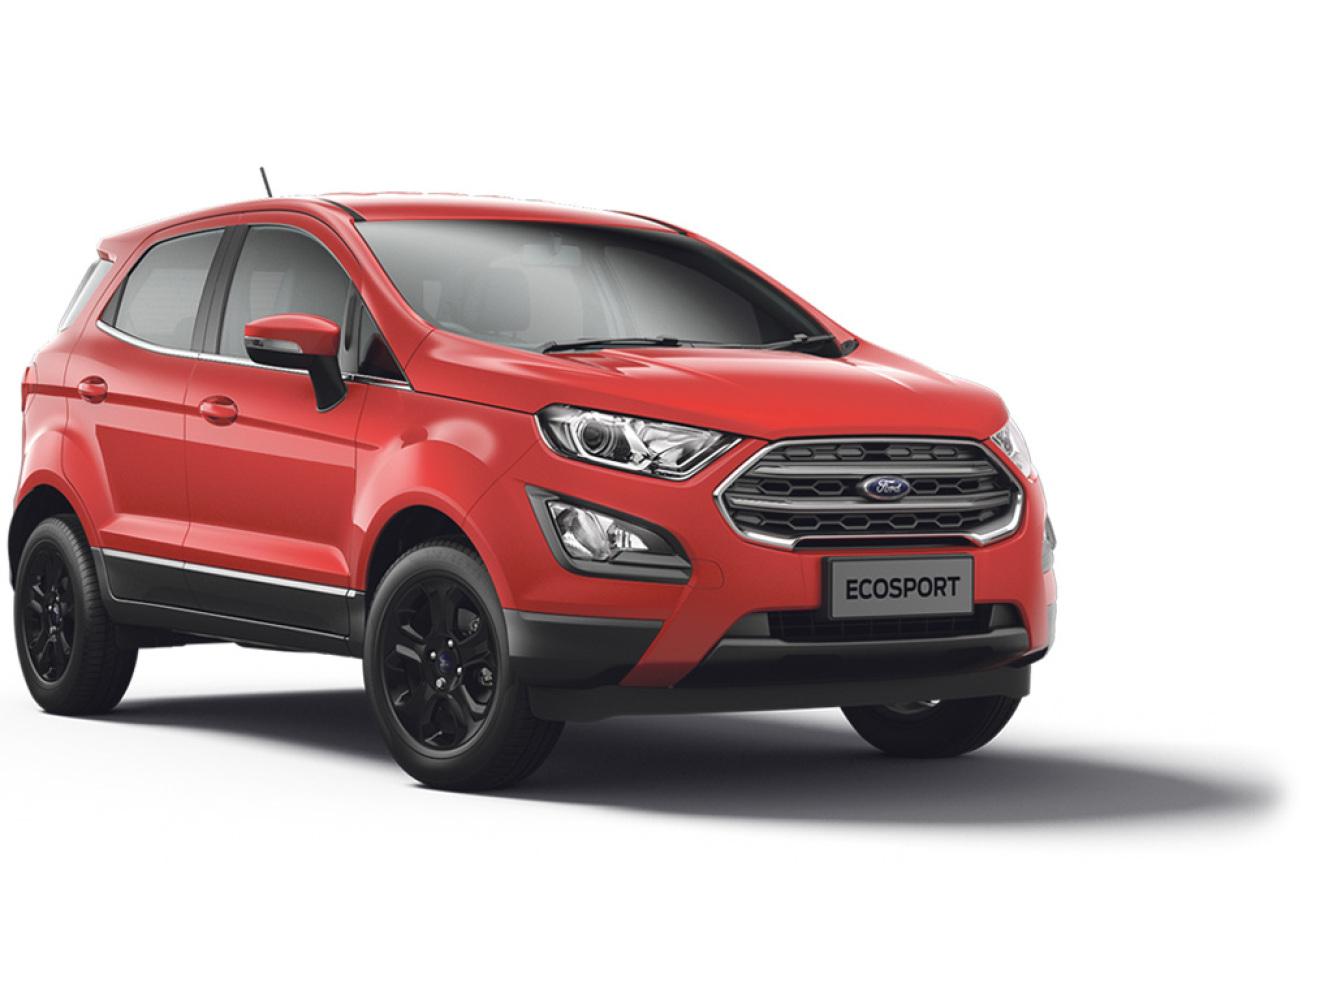 new ford ecosport 1 0 ecoboost zetec 5dr petrol hatchback. Black Bedroom Furniture Sets. Home Design Ideas